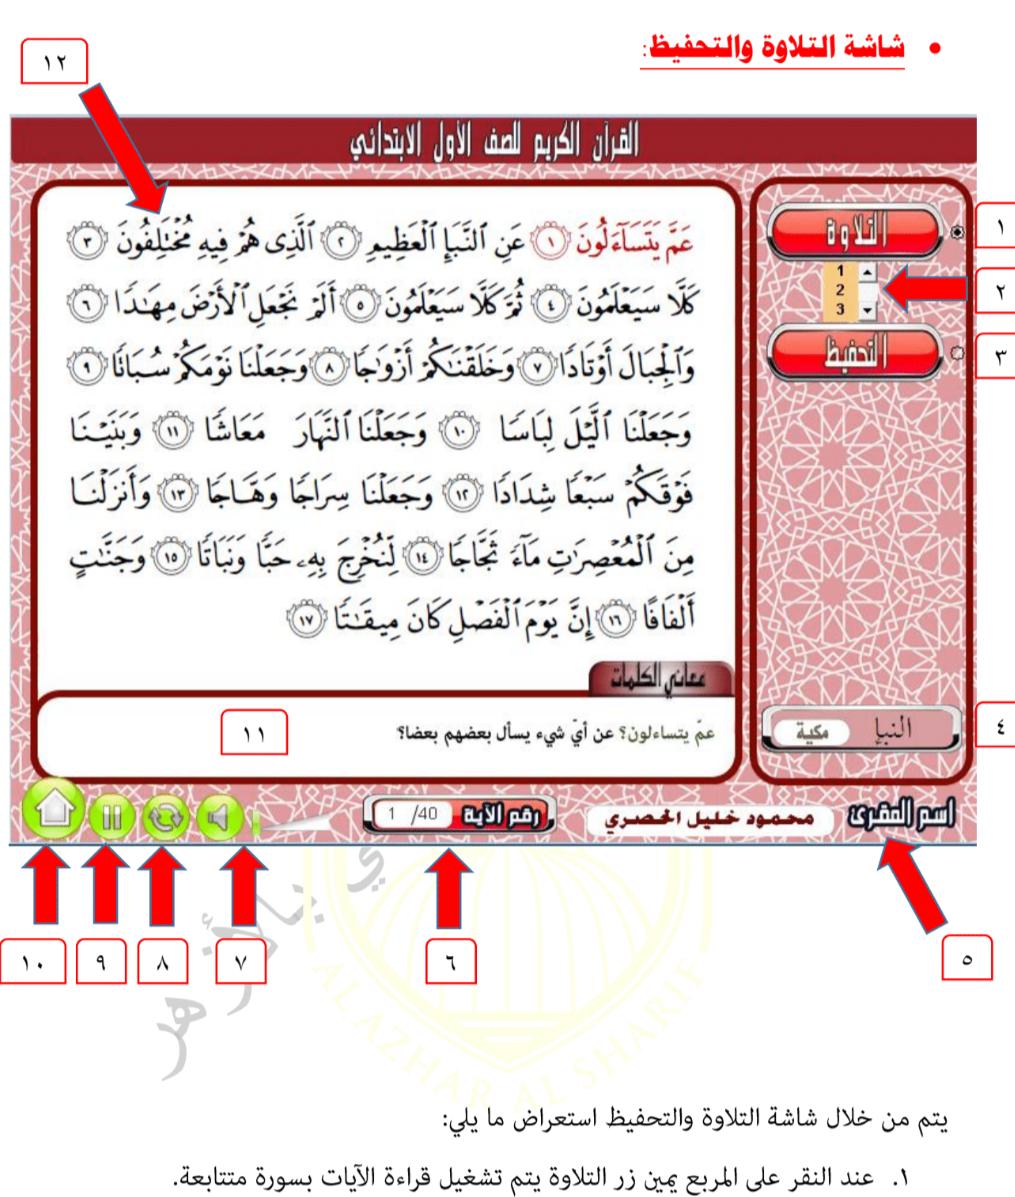 صالازهرالح عباس (2)